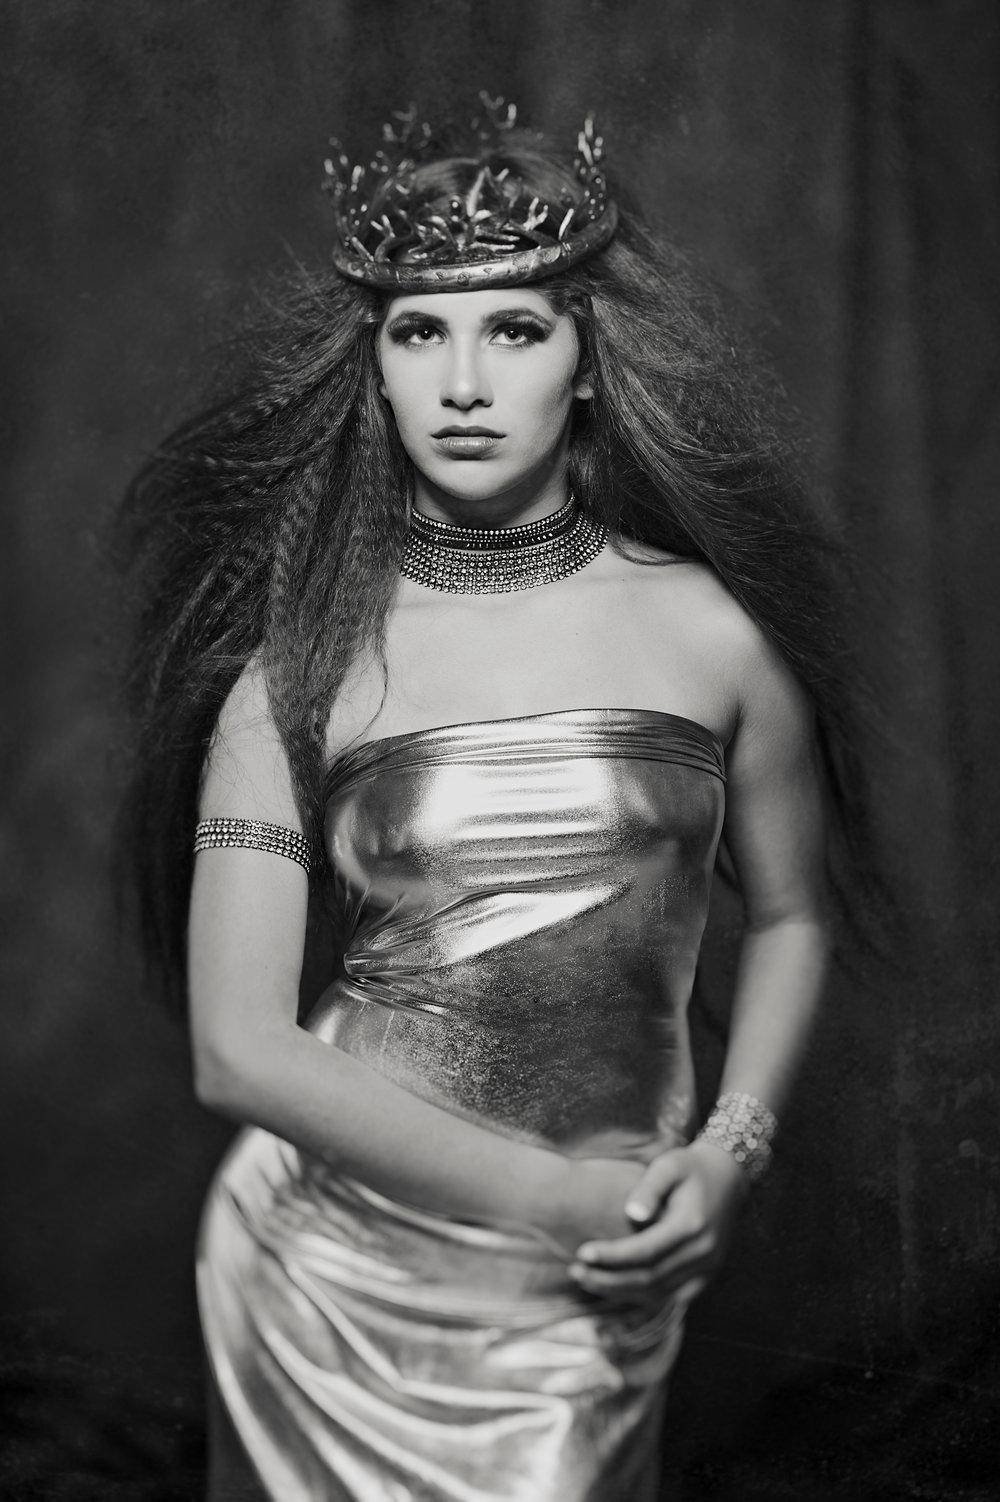 Marta-Hewson-Themed-portrait-Samantha-Devcic-game-of-thrones-crown.jpg